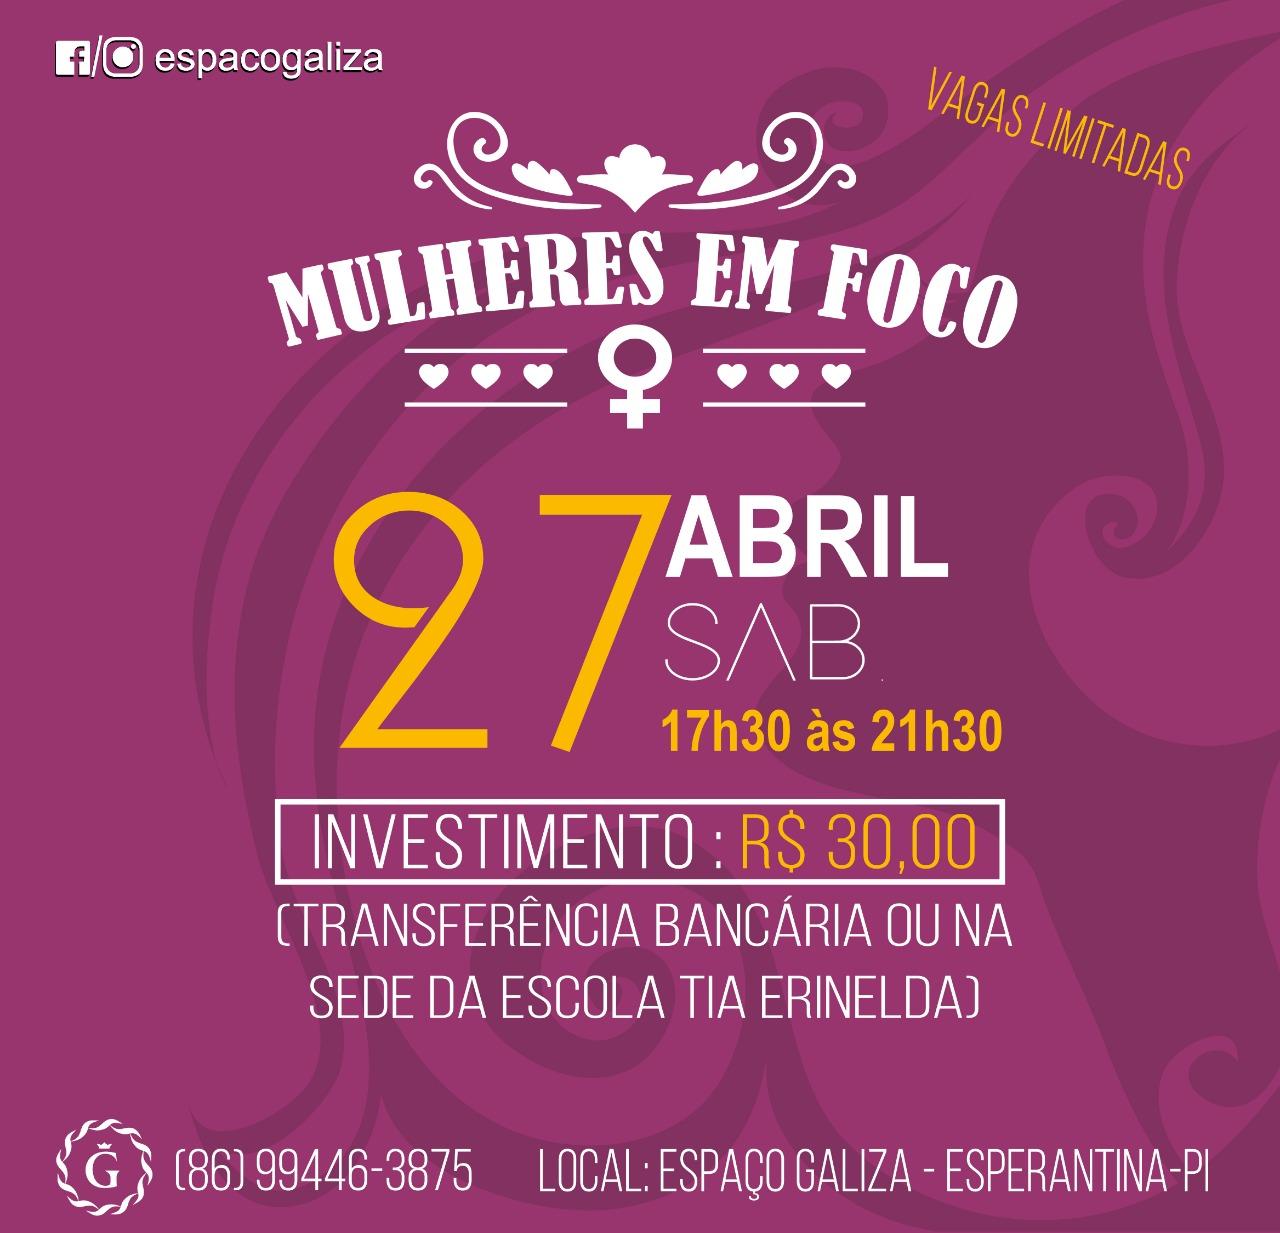 Espaço Galiza organiza evento voltado para as mulheres